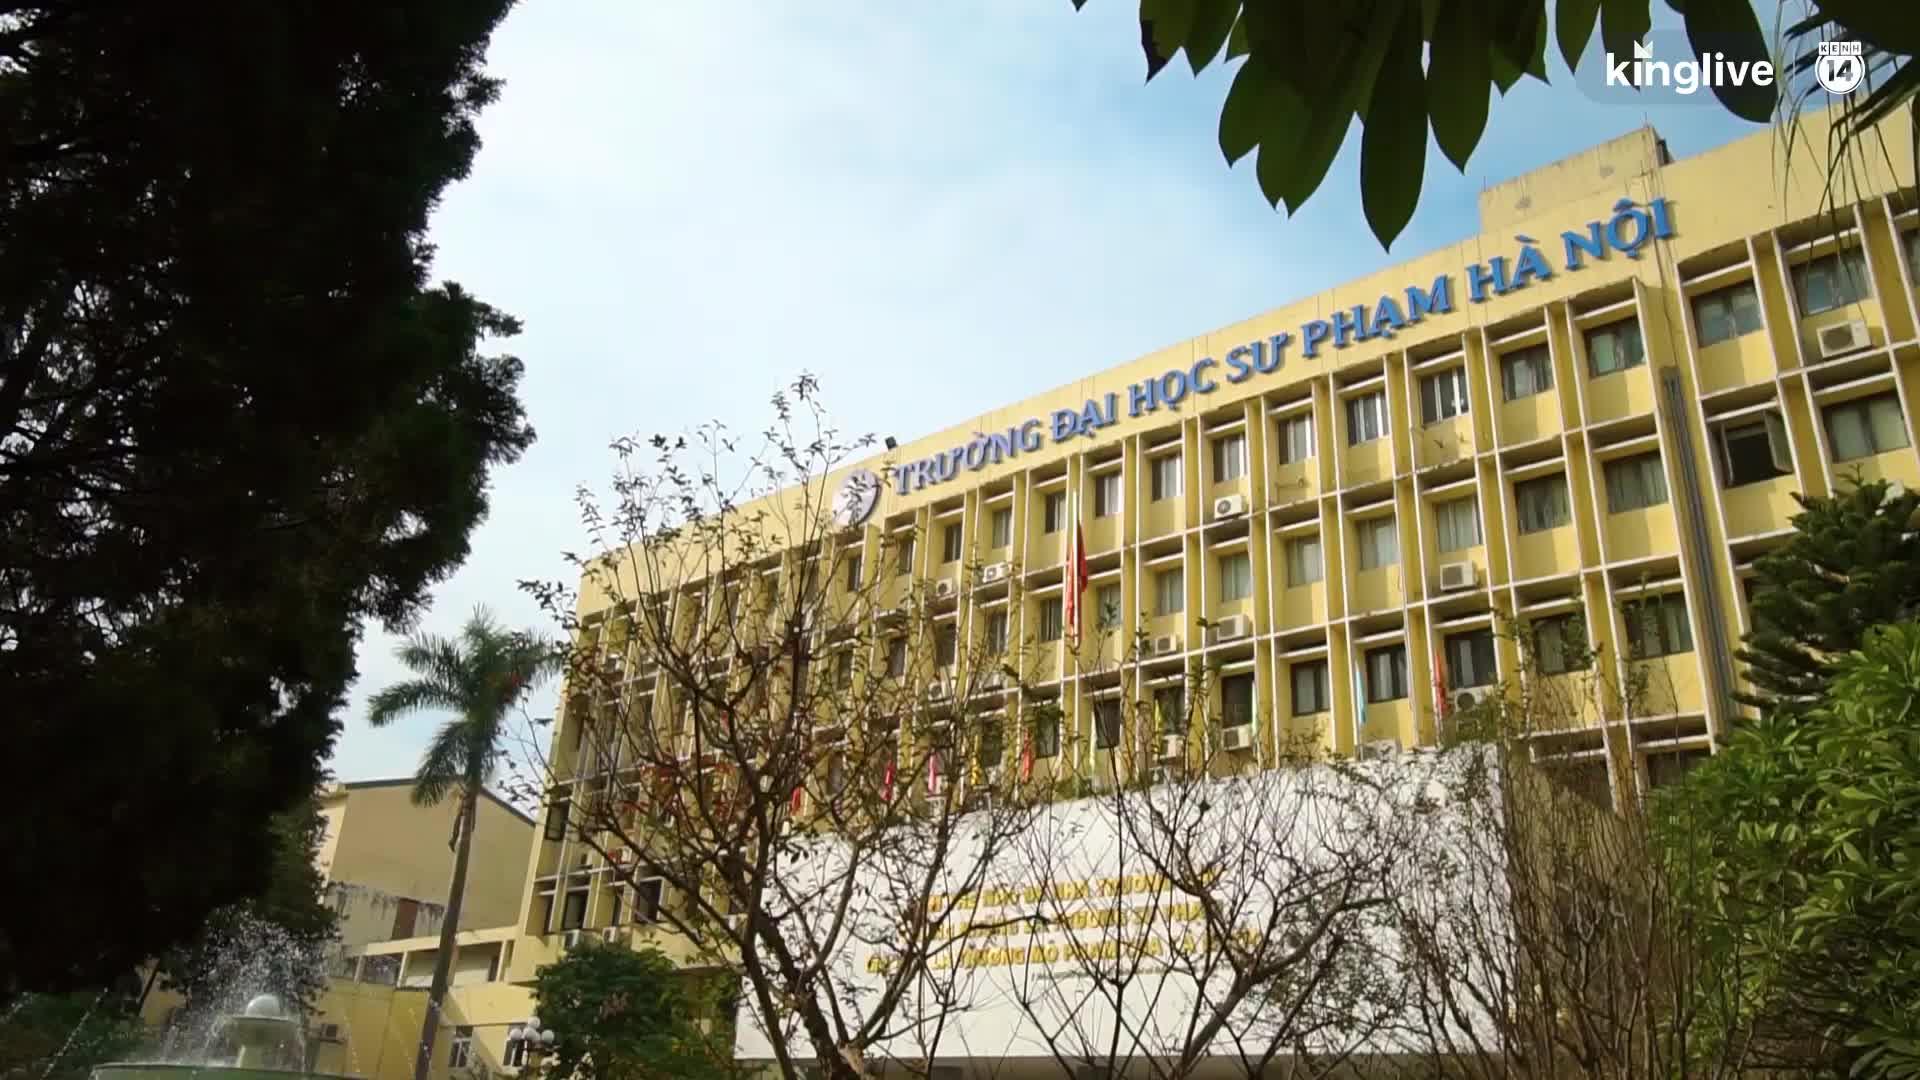 Khám phá khu vực Cầu Giấy: Nơi quy tụ nhiều trường đại học nhất Hà Nội